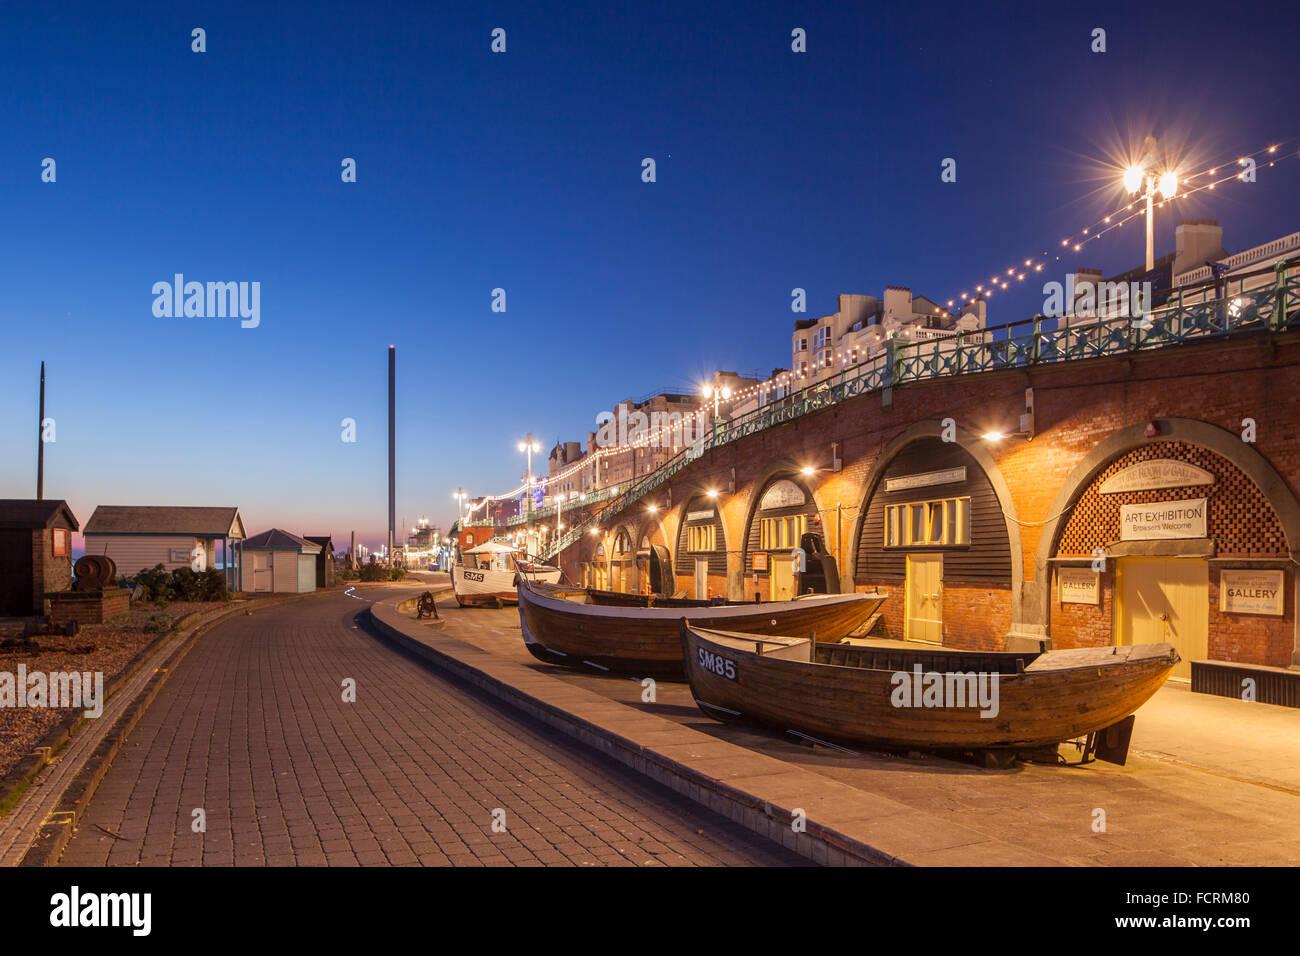 Noche de invierno en el Museo de Pesca en Brighton Seafront, East Sussex, Inglaterra. Imagen De Stock